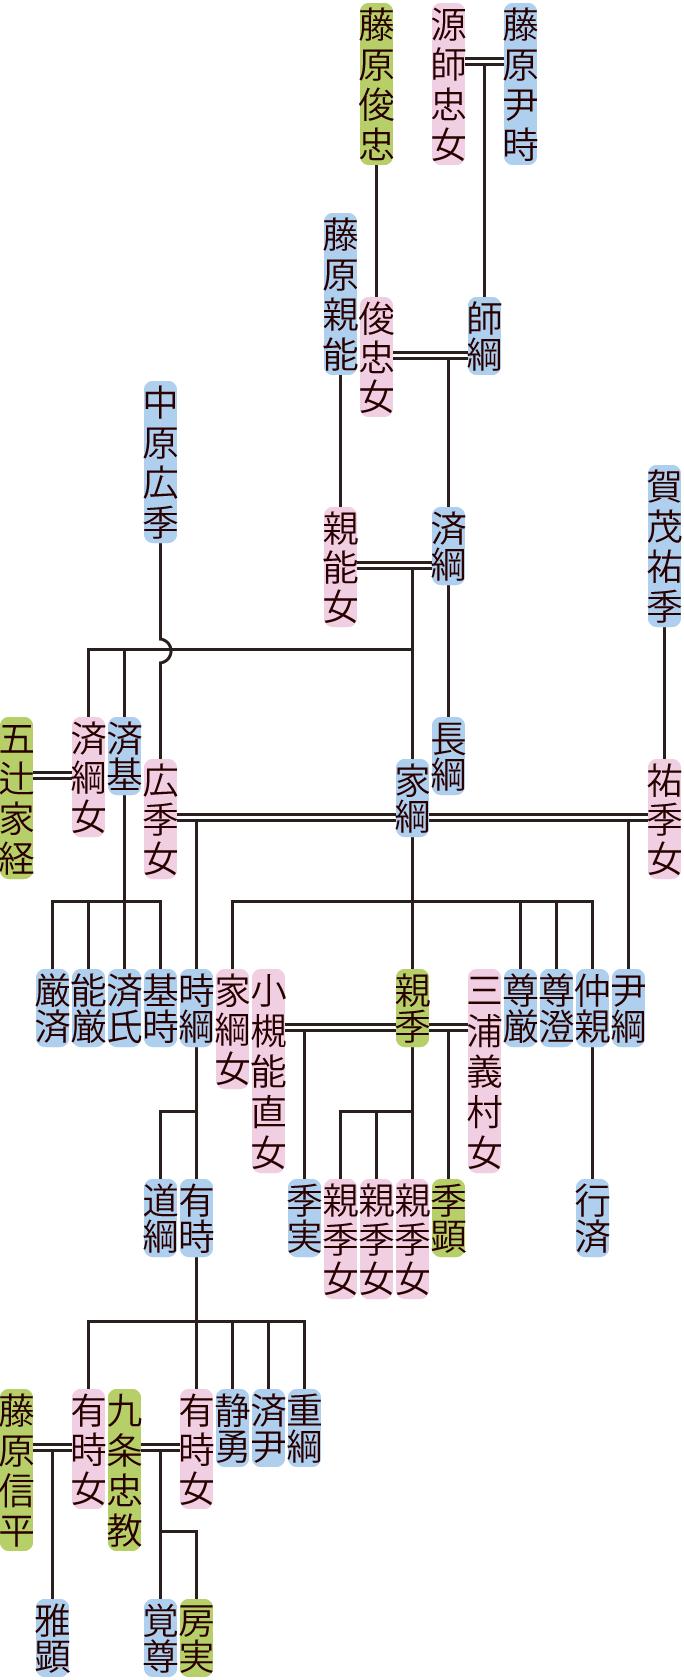 藤原済綱の系図